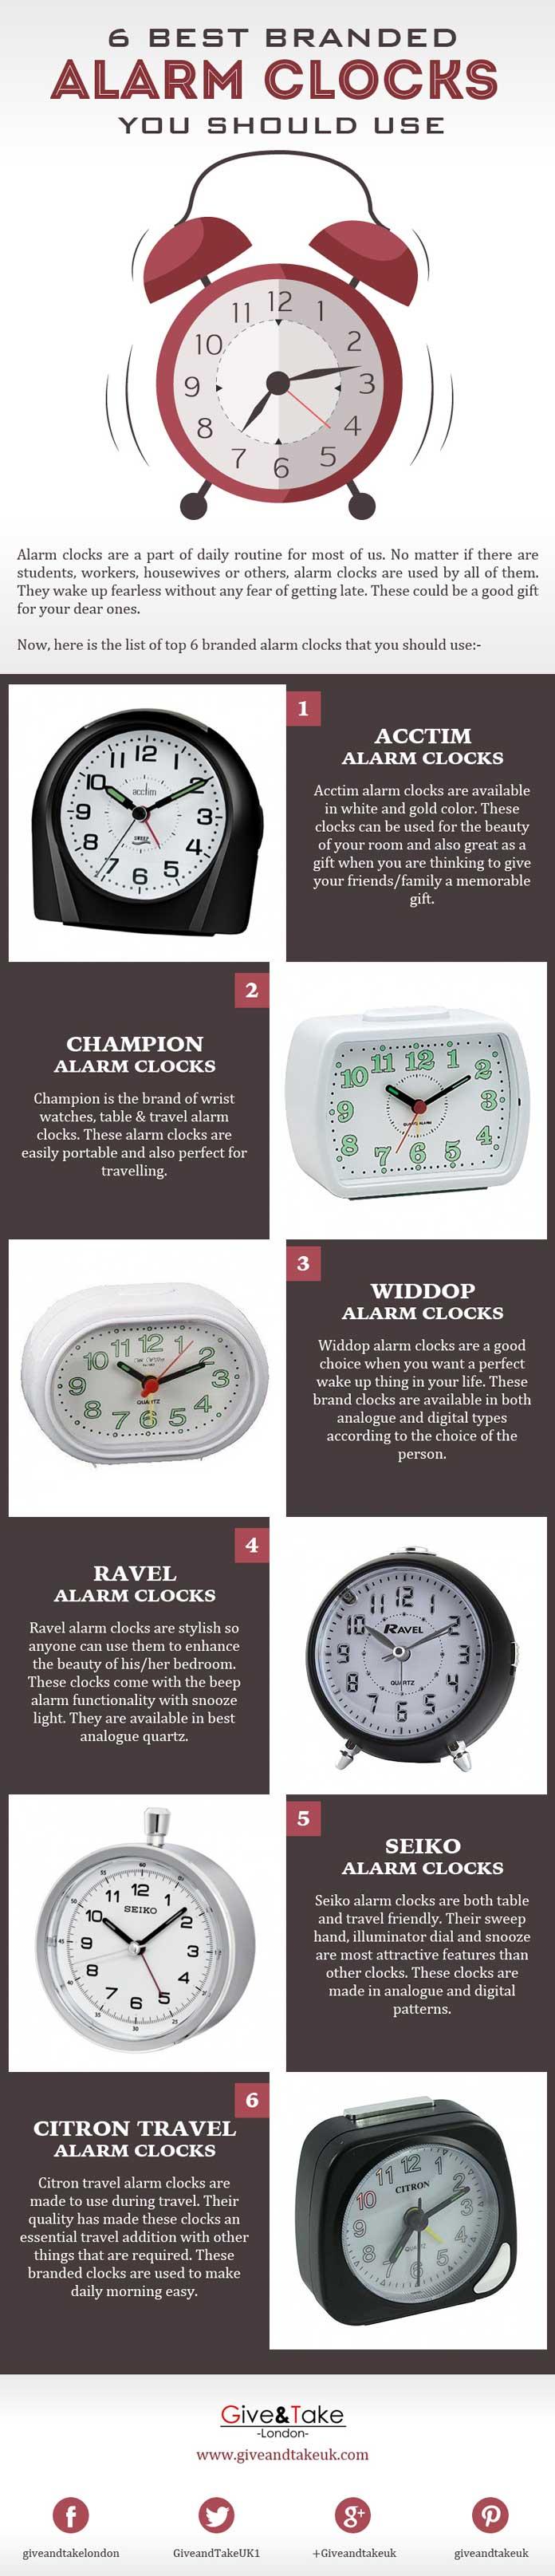 6 Best Branded Alarm Clocks you should Use